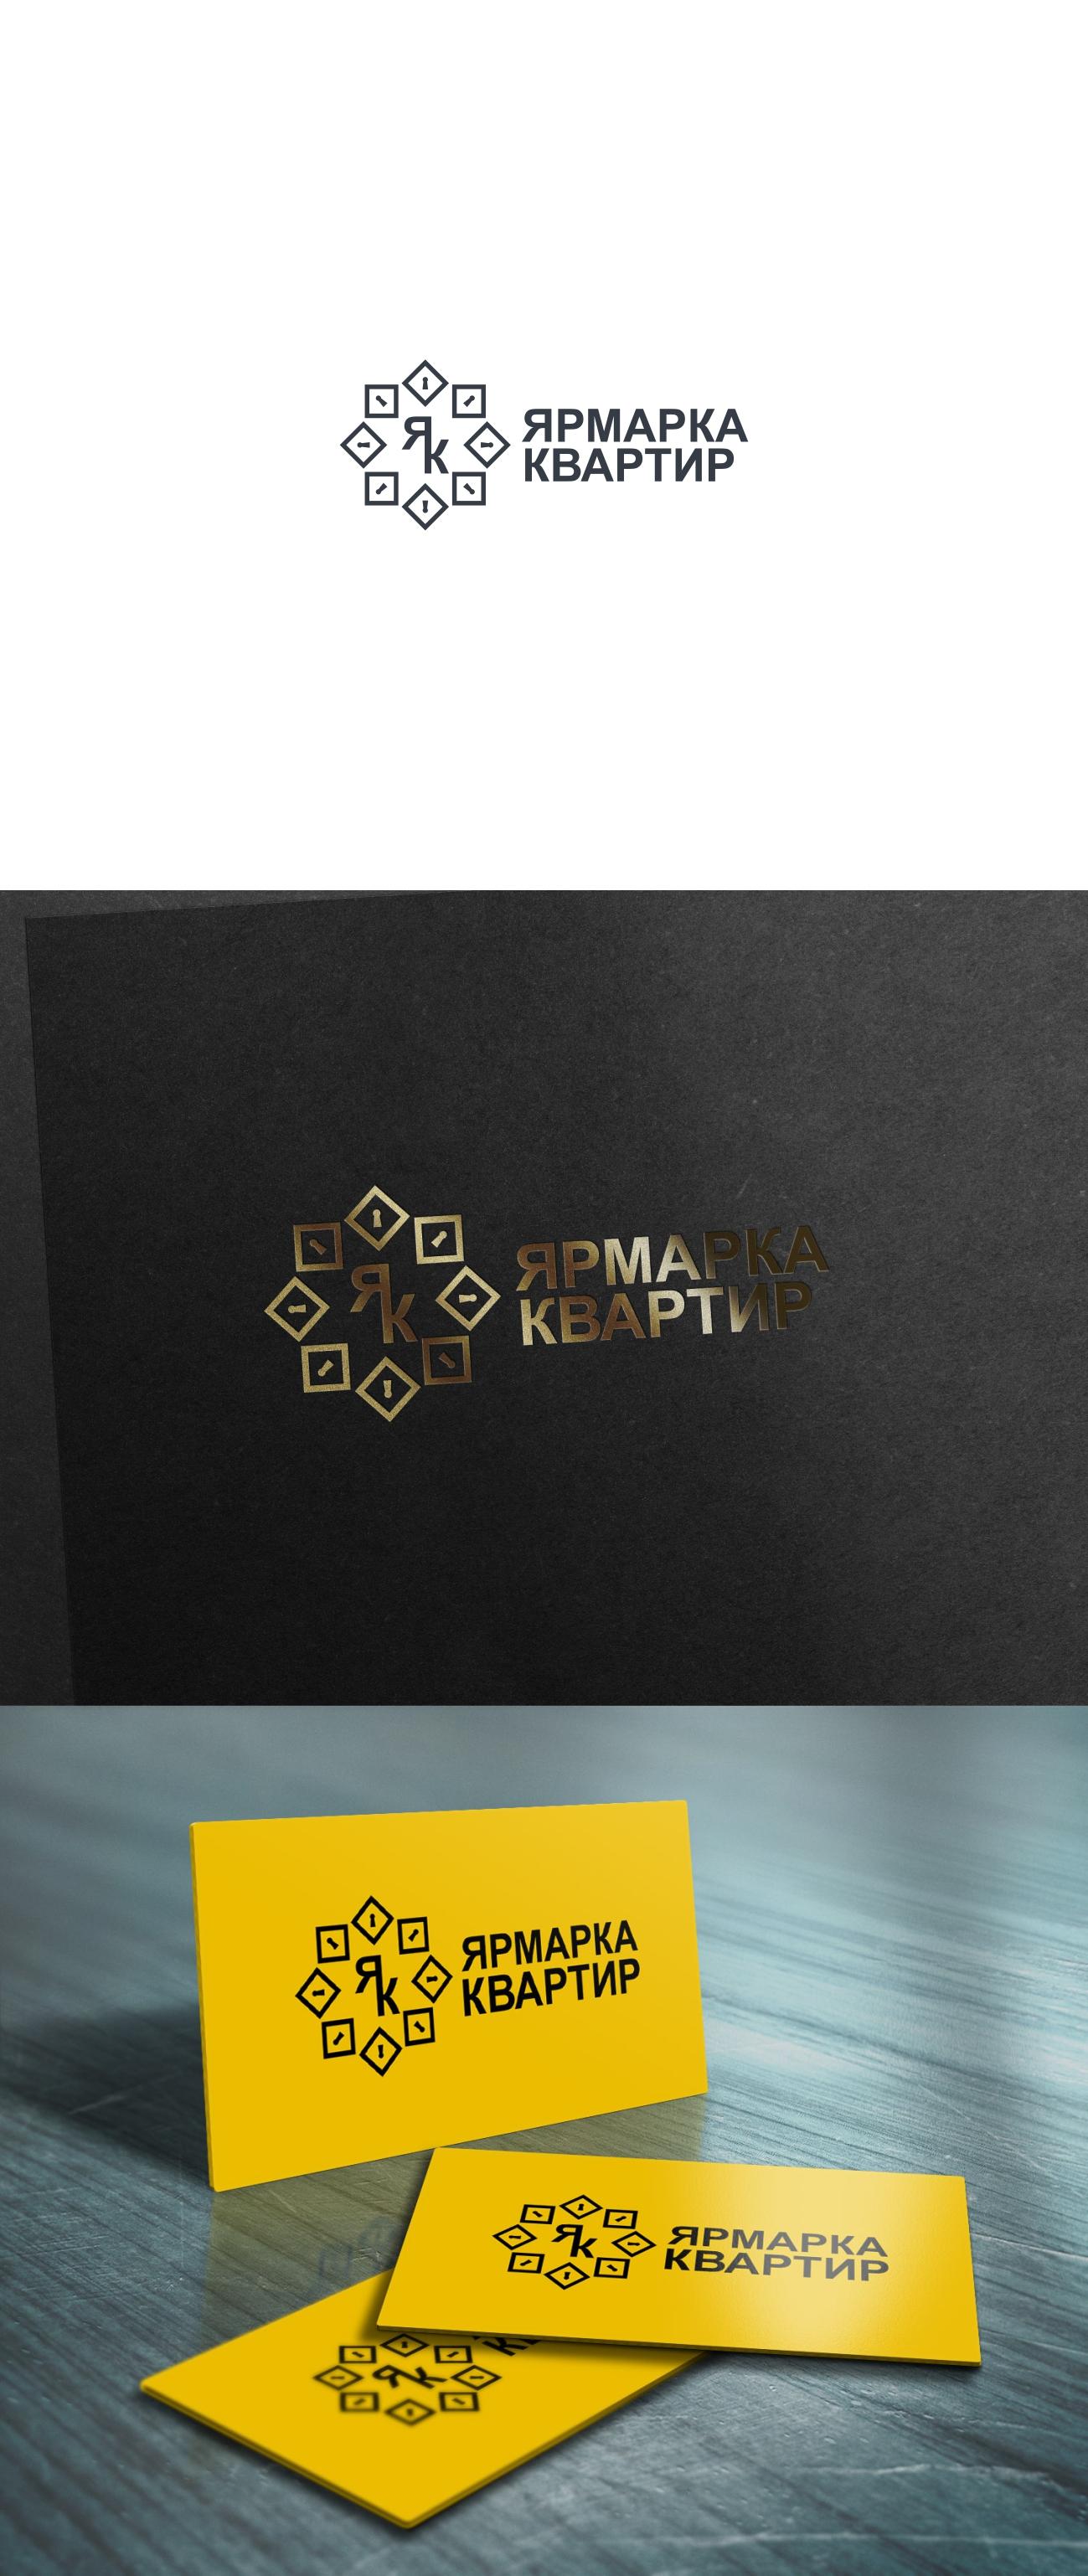 Создание логотипа, с вариантами для визитки и листовки фото f_7756005794ce3af6.jpg